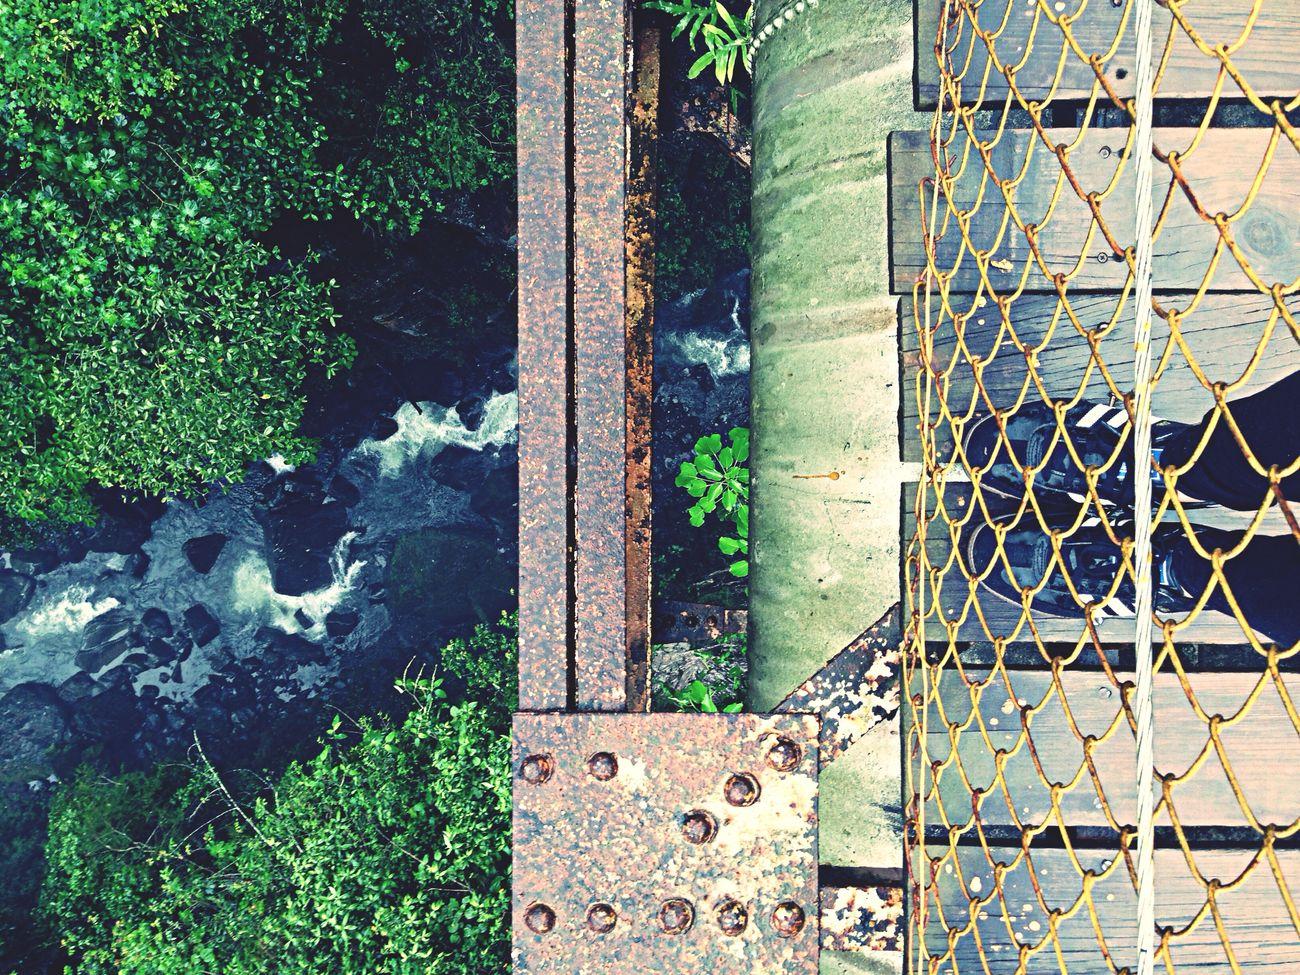 Water Falls That's Me Bridge